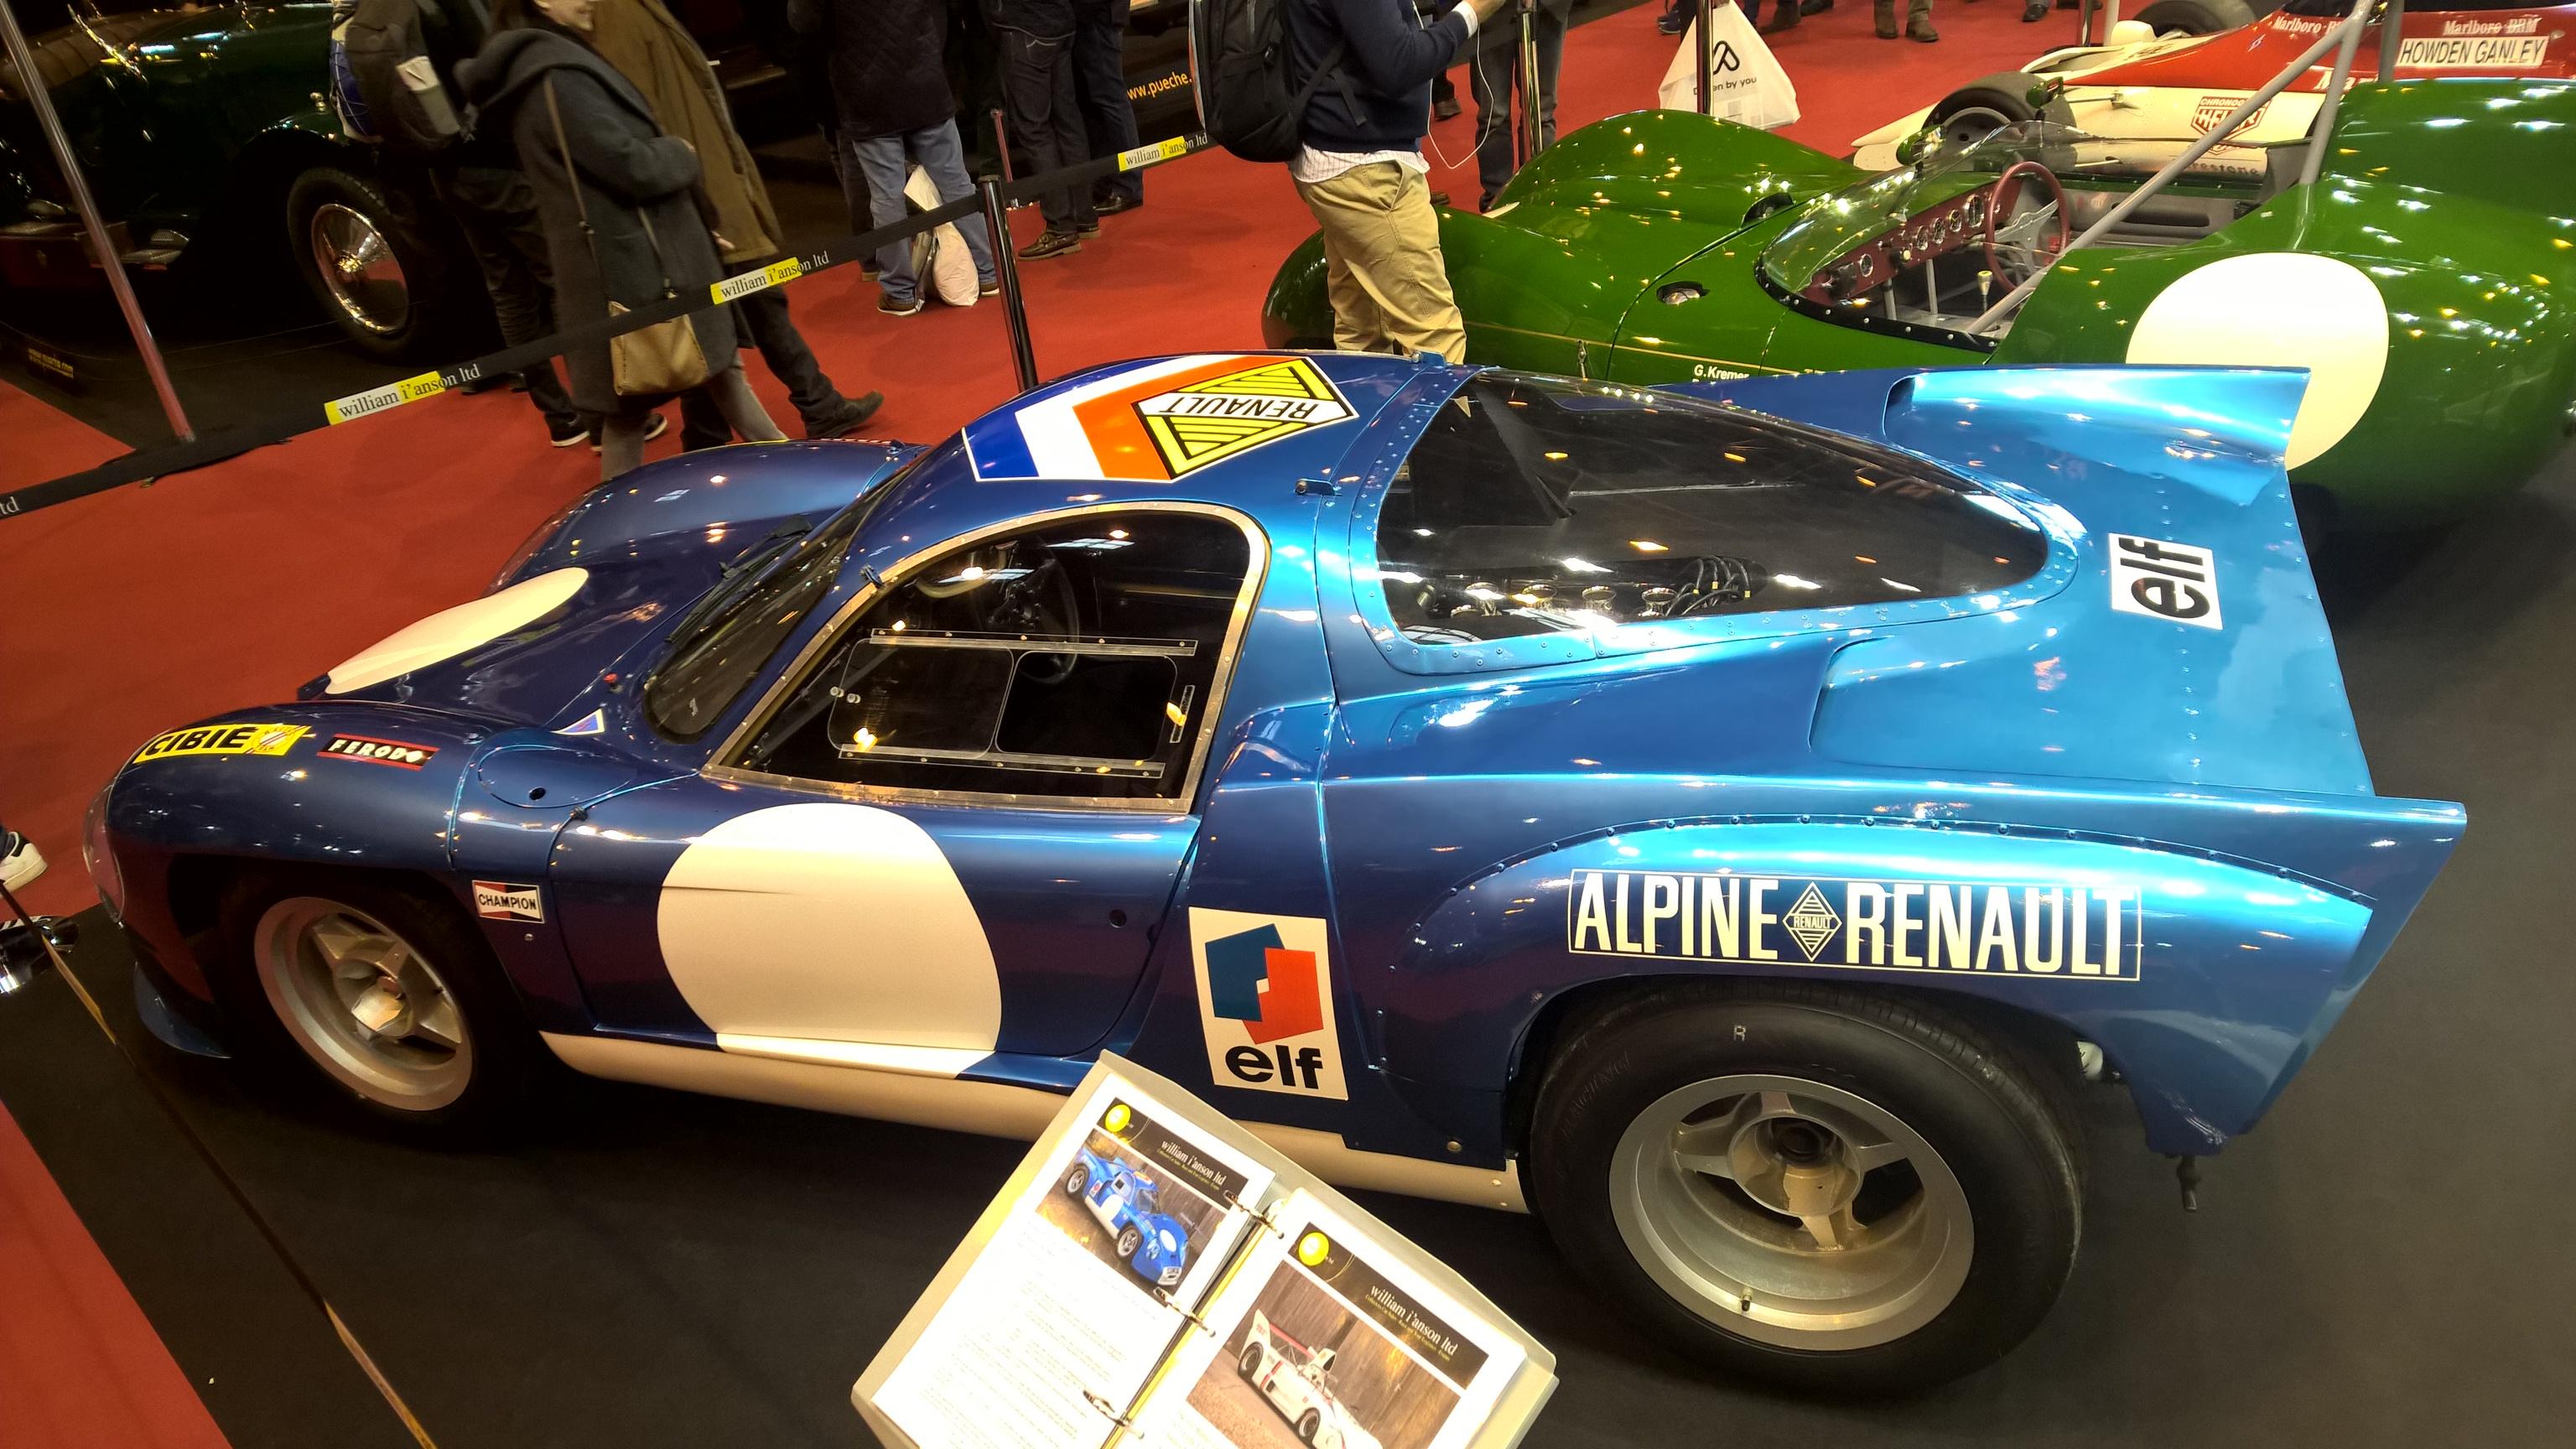 Steintøff Alpine A220 som deltok på 24-timers løpet på Le Mans i 1968, med 3-liters Renault-Gordini V8 innabords, for å møte den nye 3-liters grensen som gjaldt for prototyper i 1968.